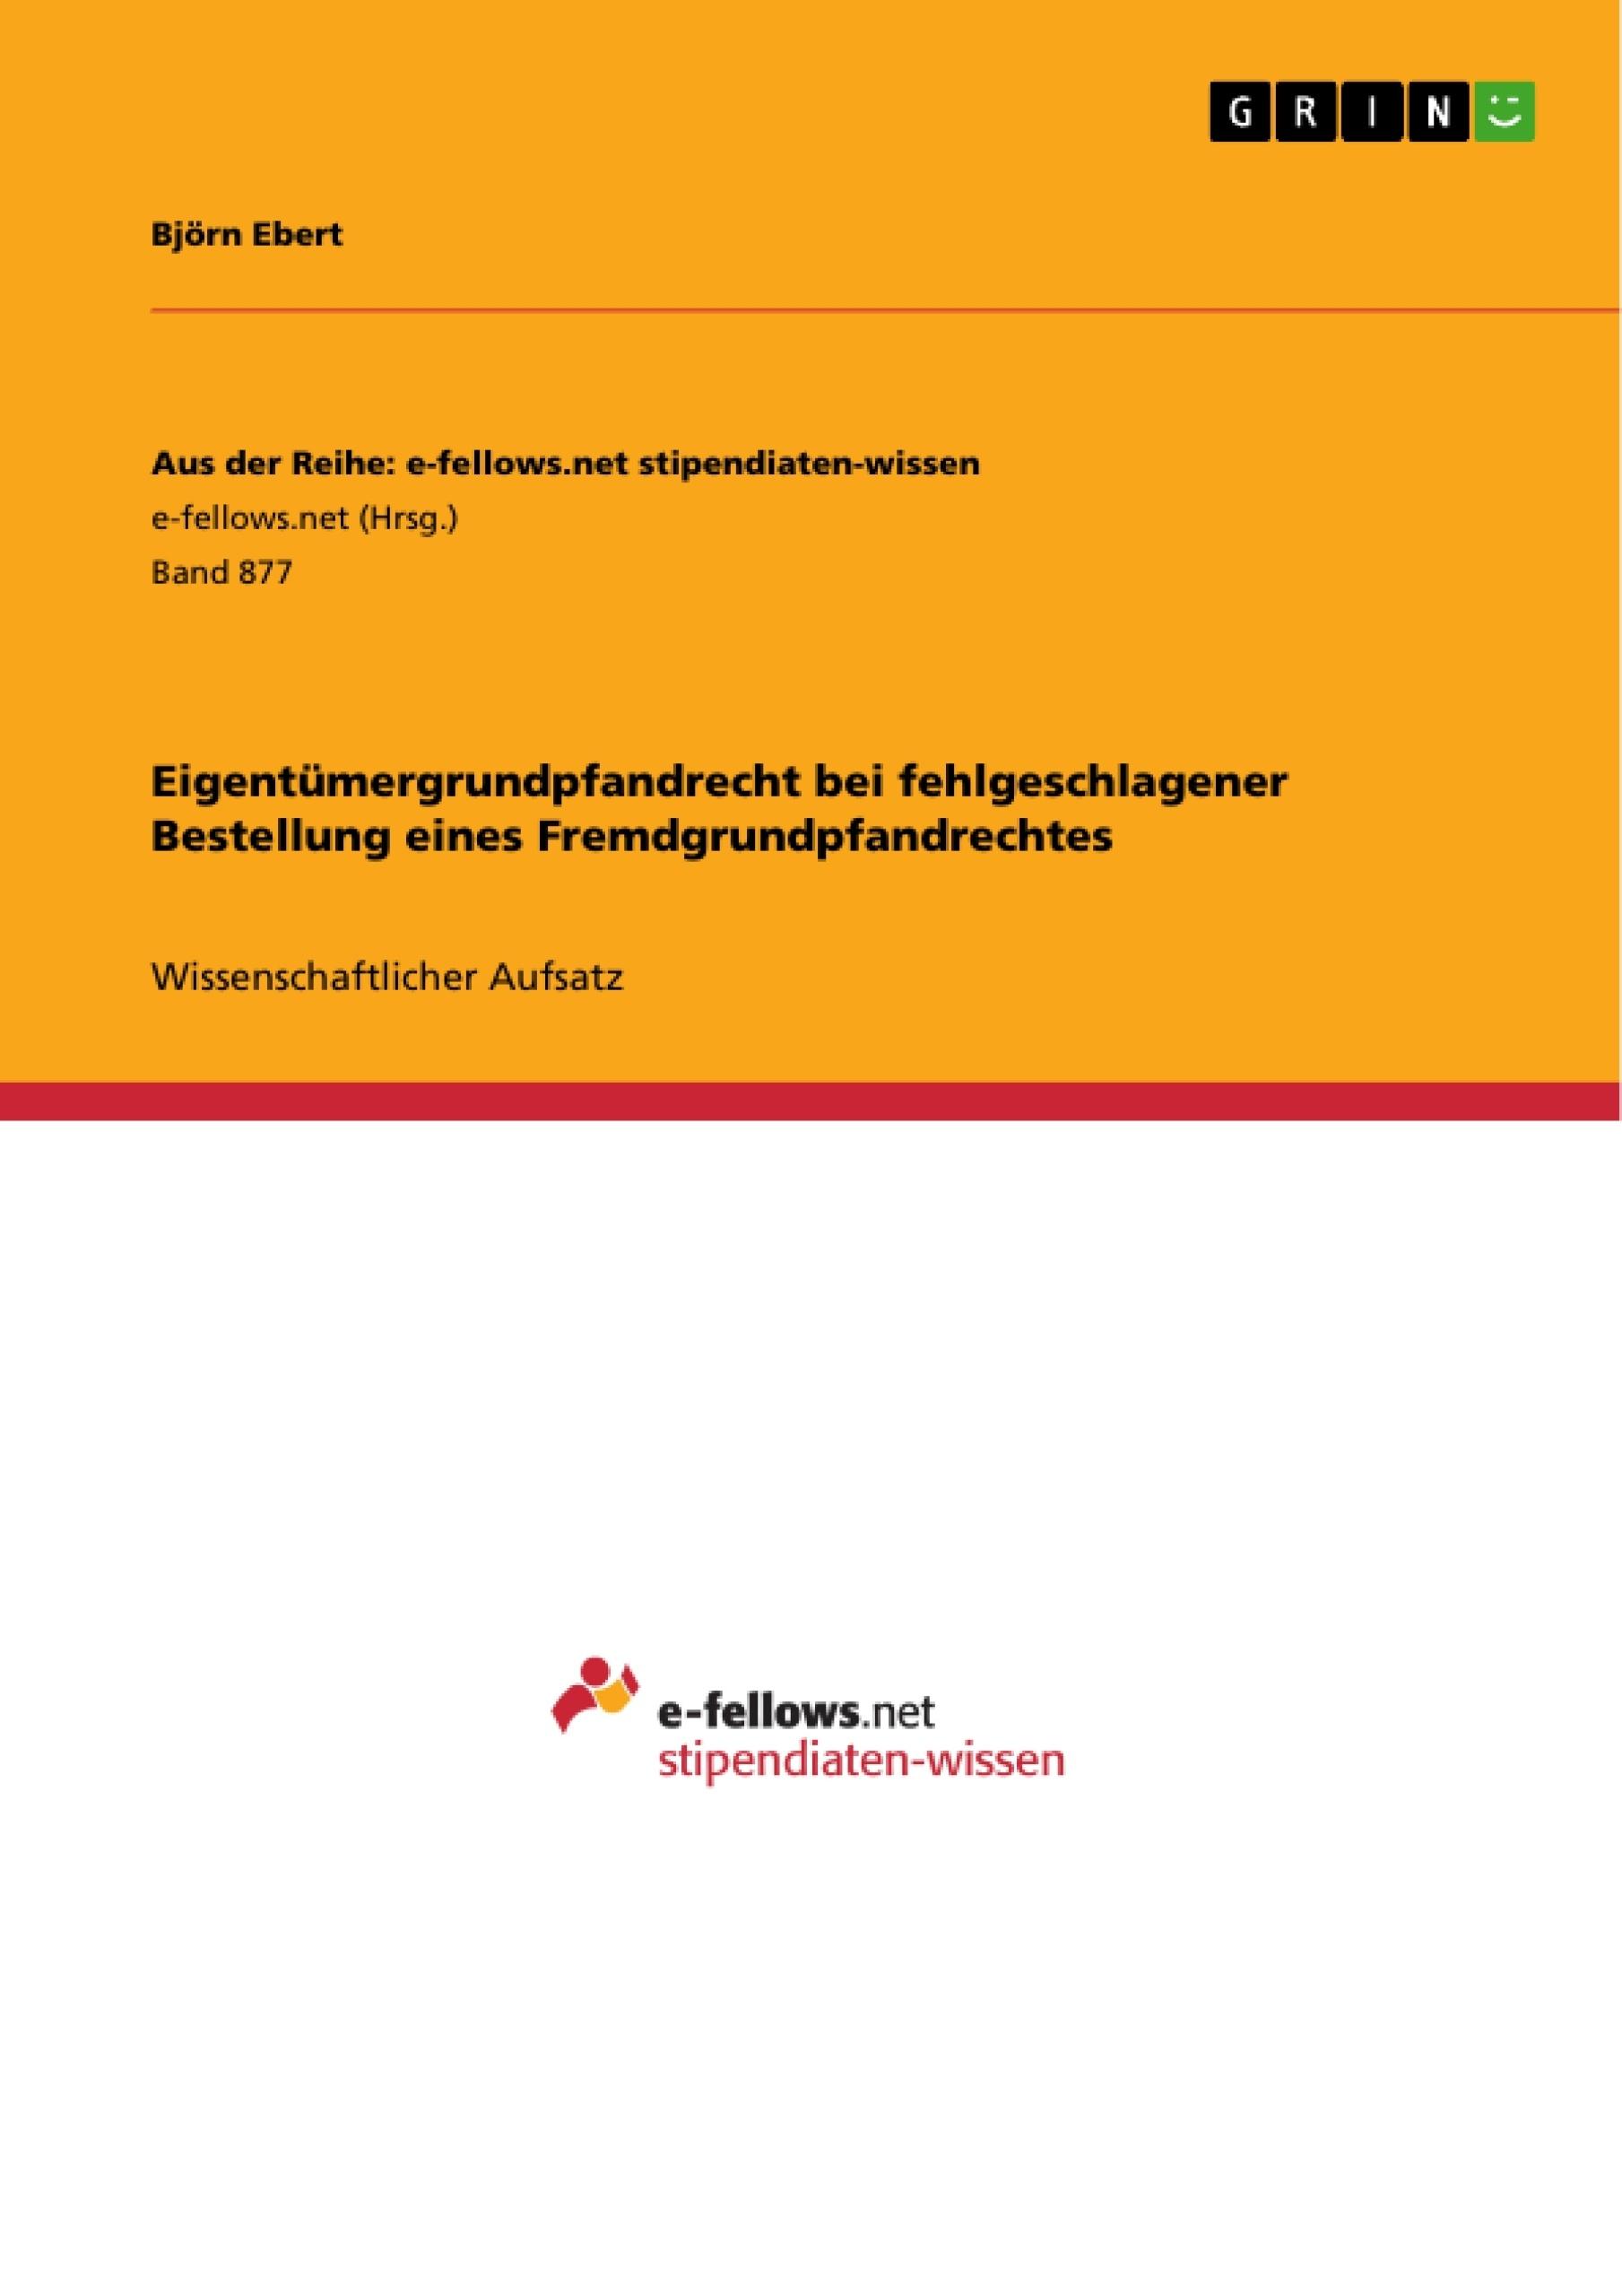 Titel: Eigentümergrundpfandrecht bei fehlgeschlagener Bestellung eines Fremdgrundpfandrechtes